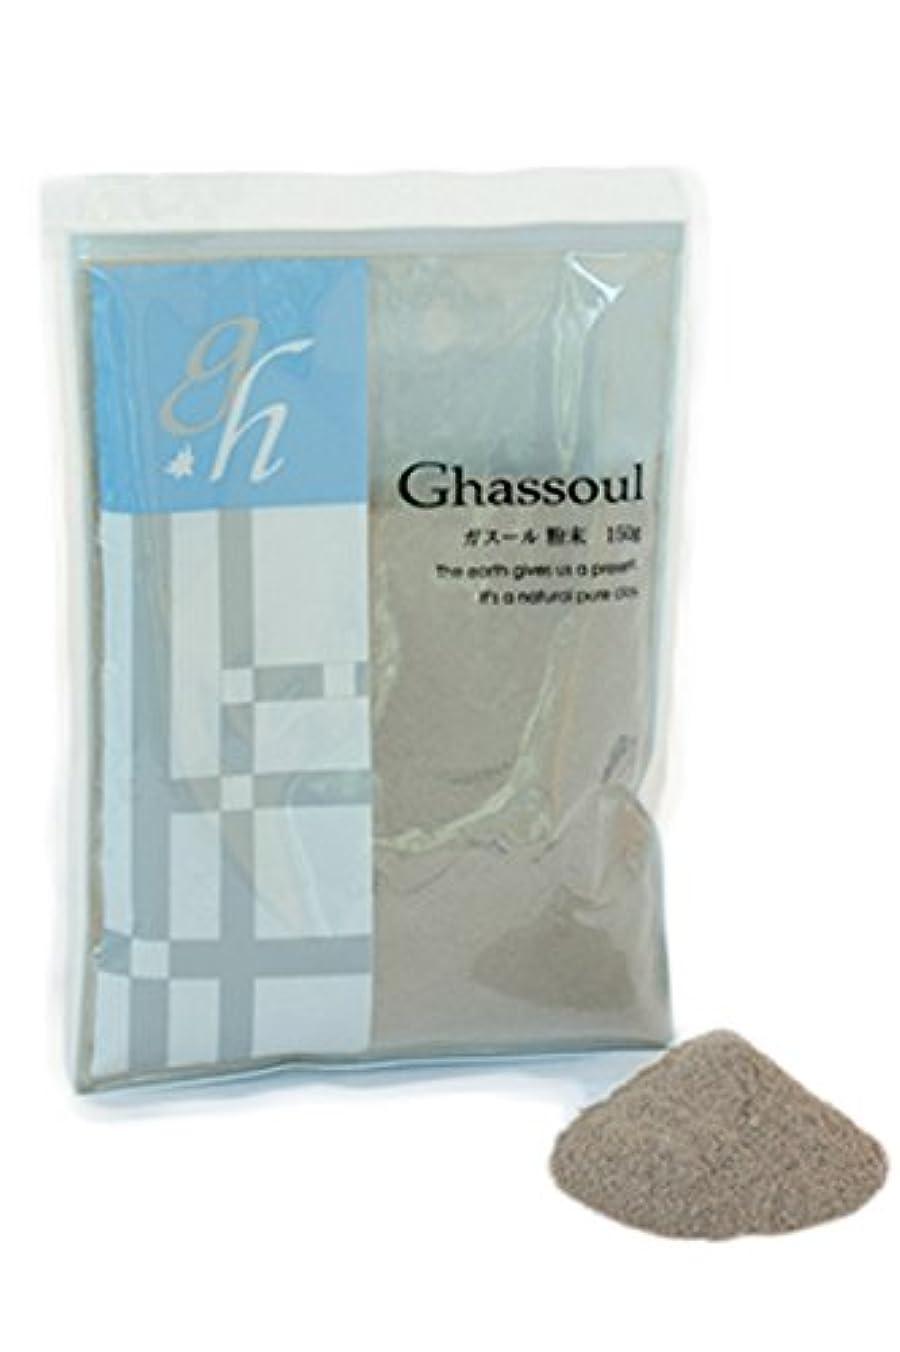 袋給料ディプロマNaiad(ナイアード) ガスール粉末タイプ 150g